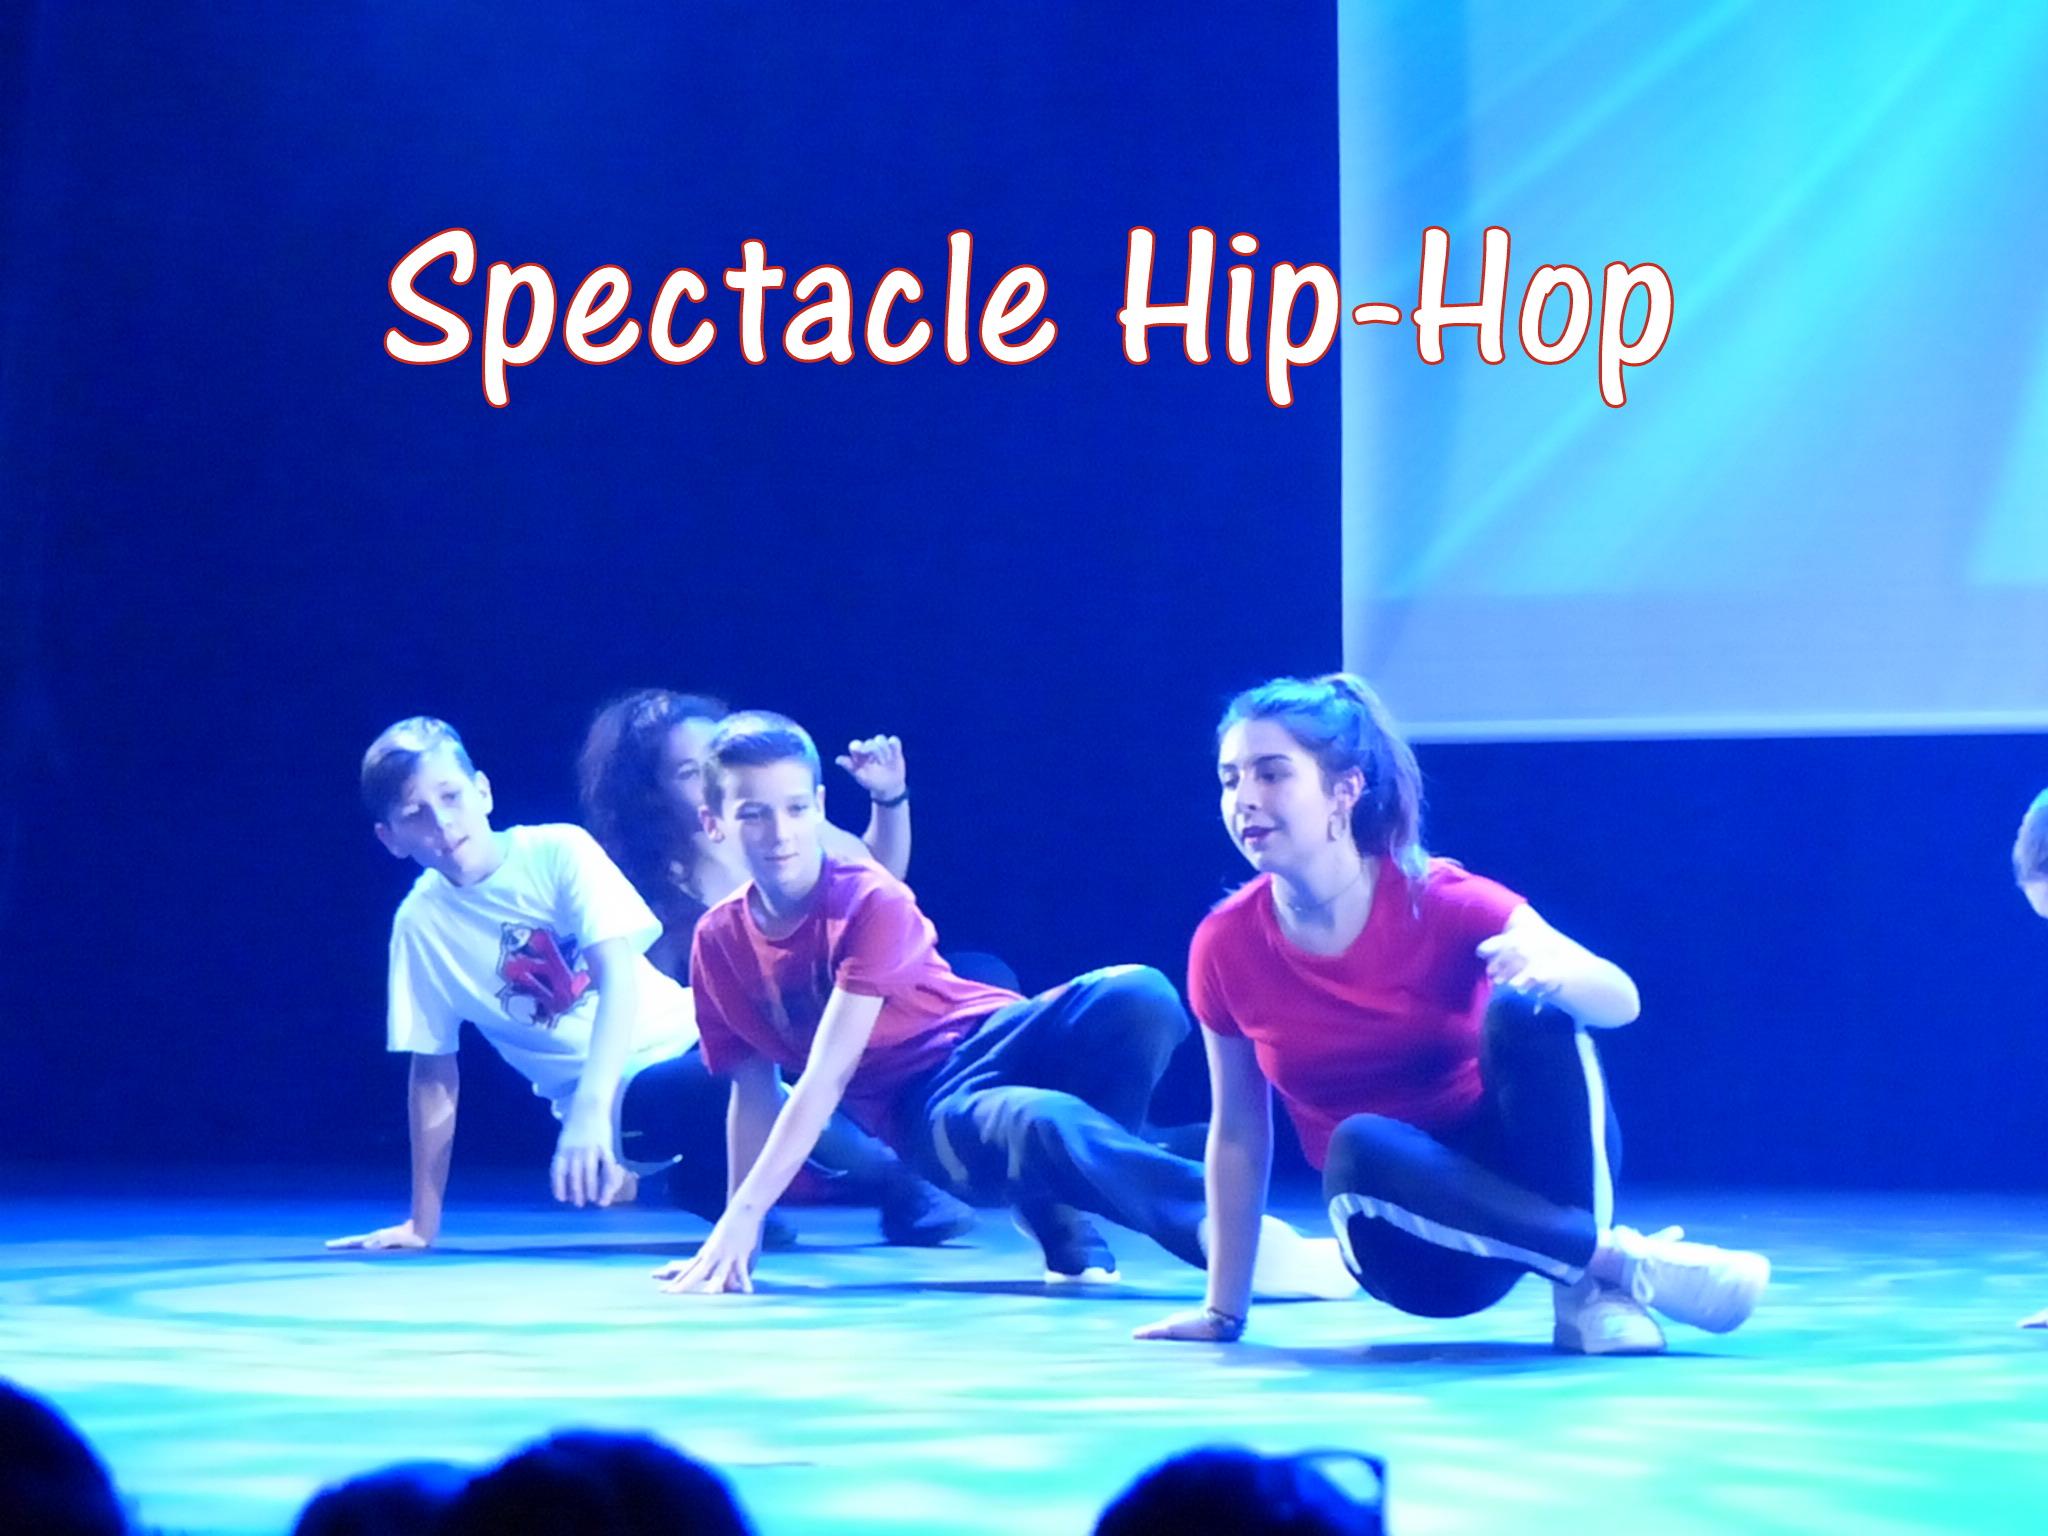 193spect hiphop